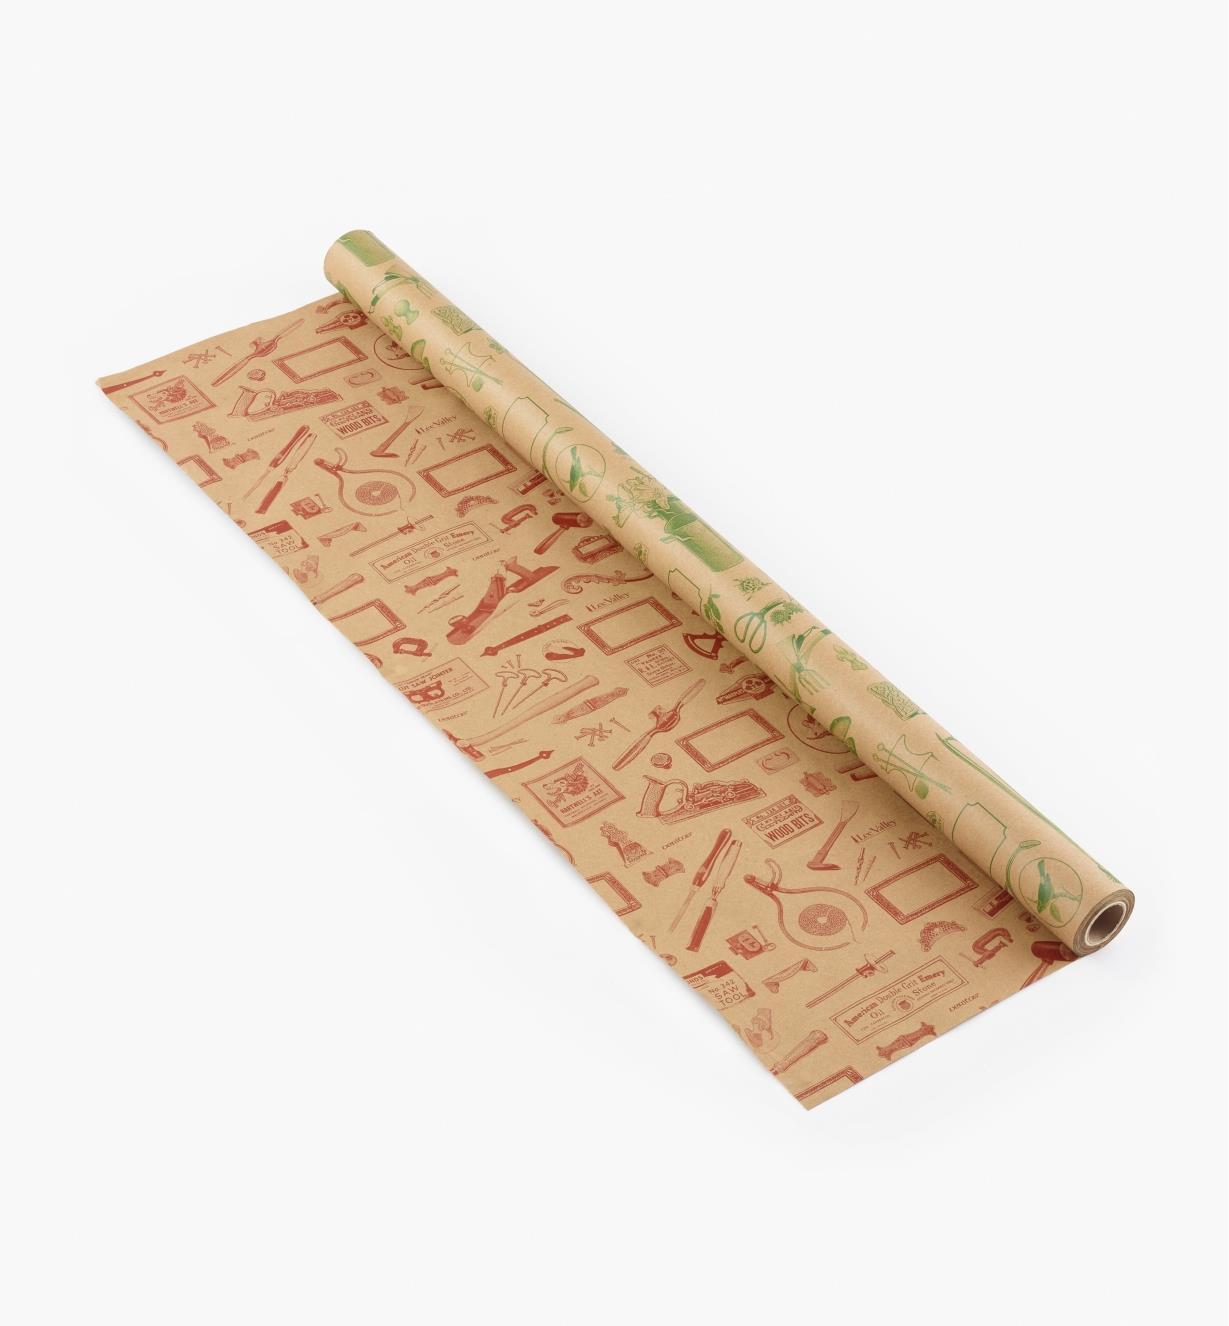 50K1425 - Papier d'emballage Lee Valley, rouleau de 25 pi x 29 1/2 po